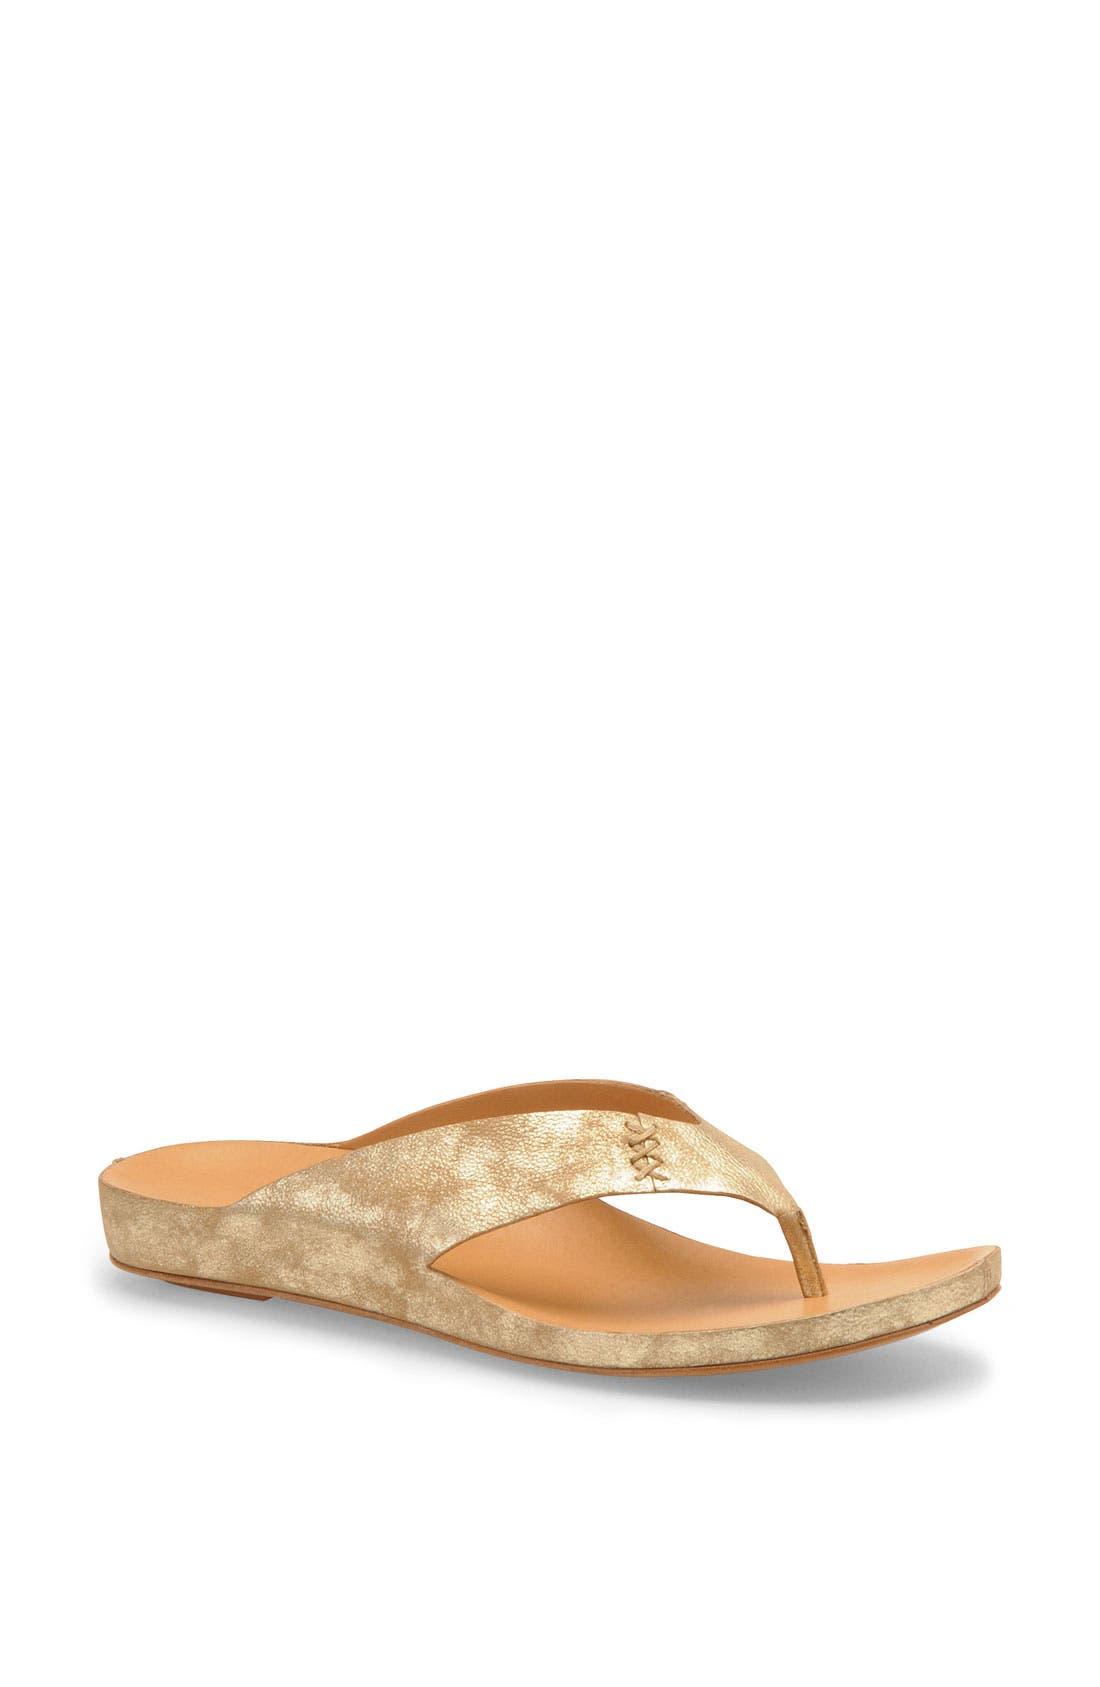 Alternate Image 1 Selected - Kork-Ease 'Rachel' Sandal